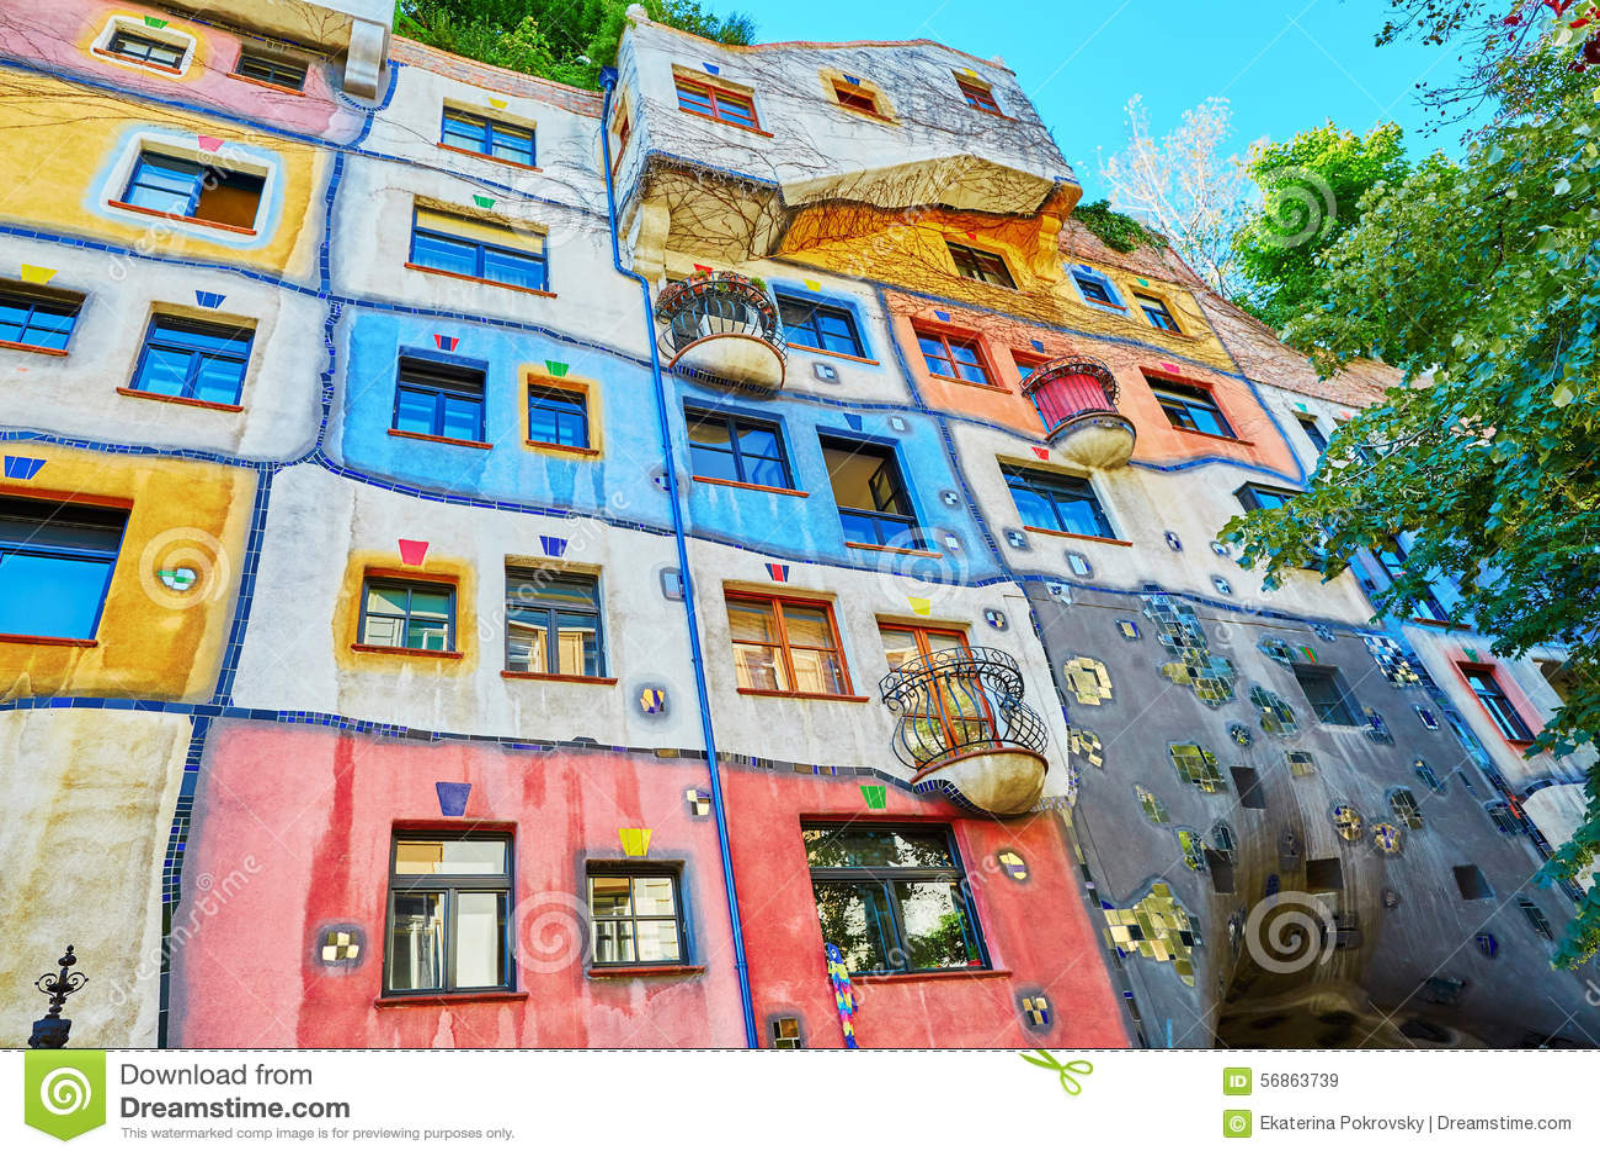 Het huis van hundertwasser in wenen oostenrijk stock afbeelding afbeelding 56863739 - Fotos van eigentijds huis ...